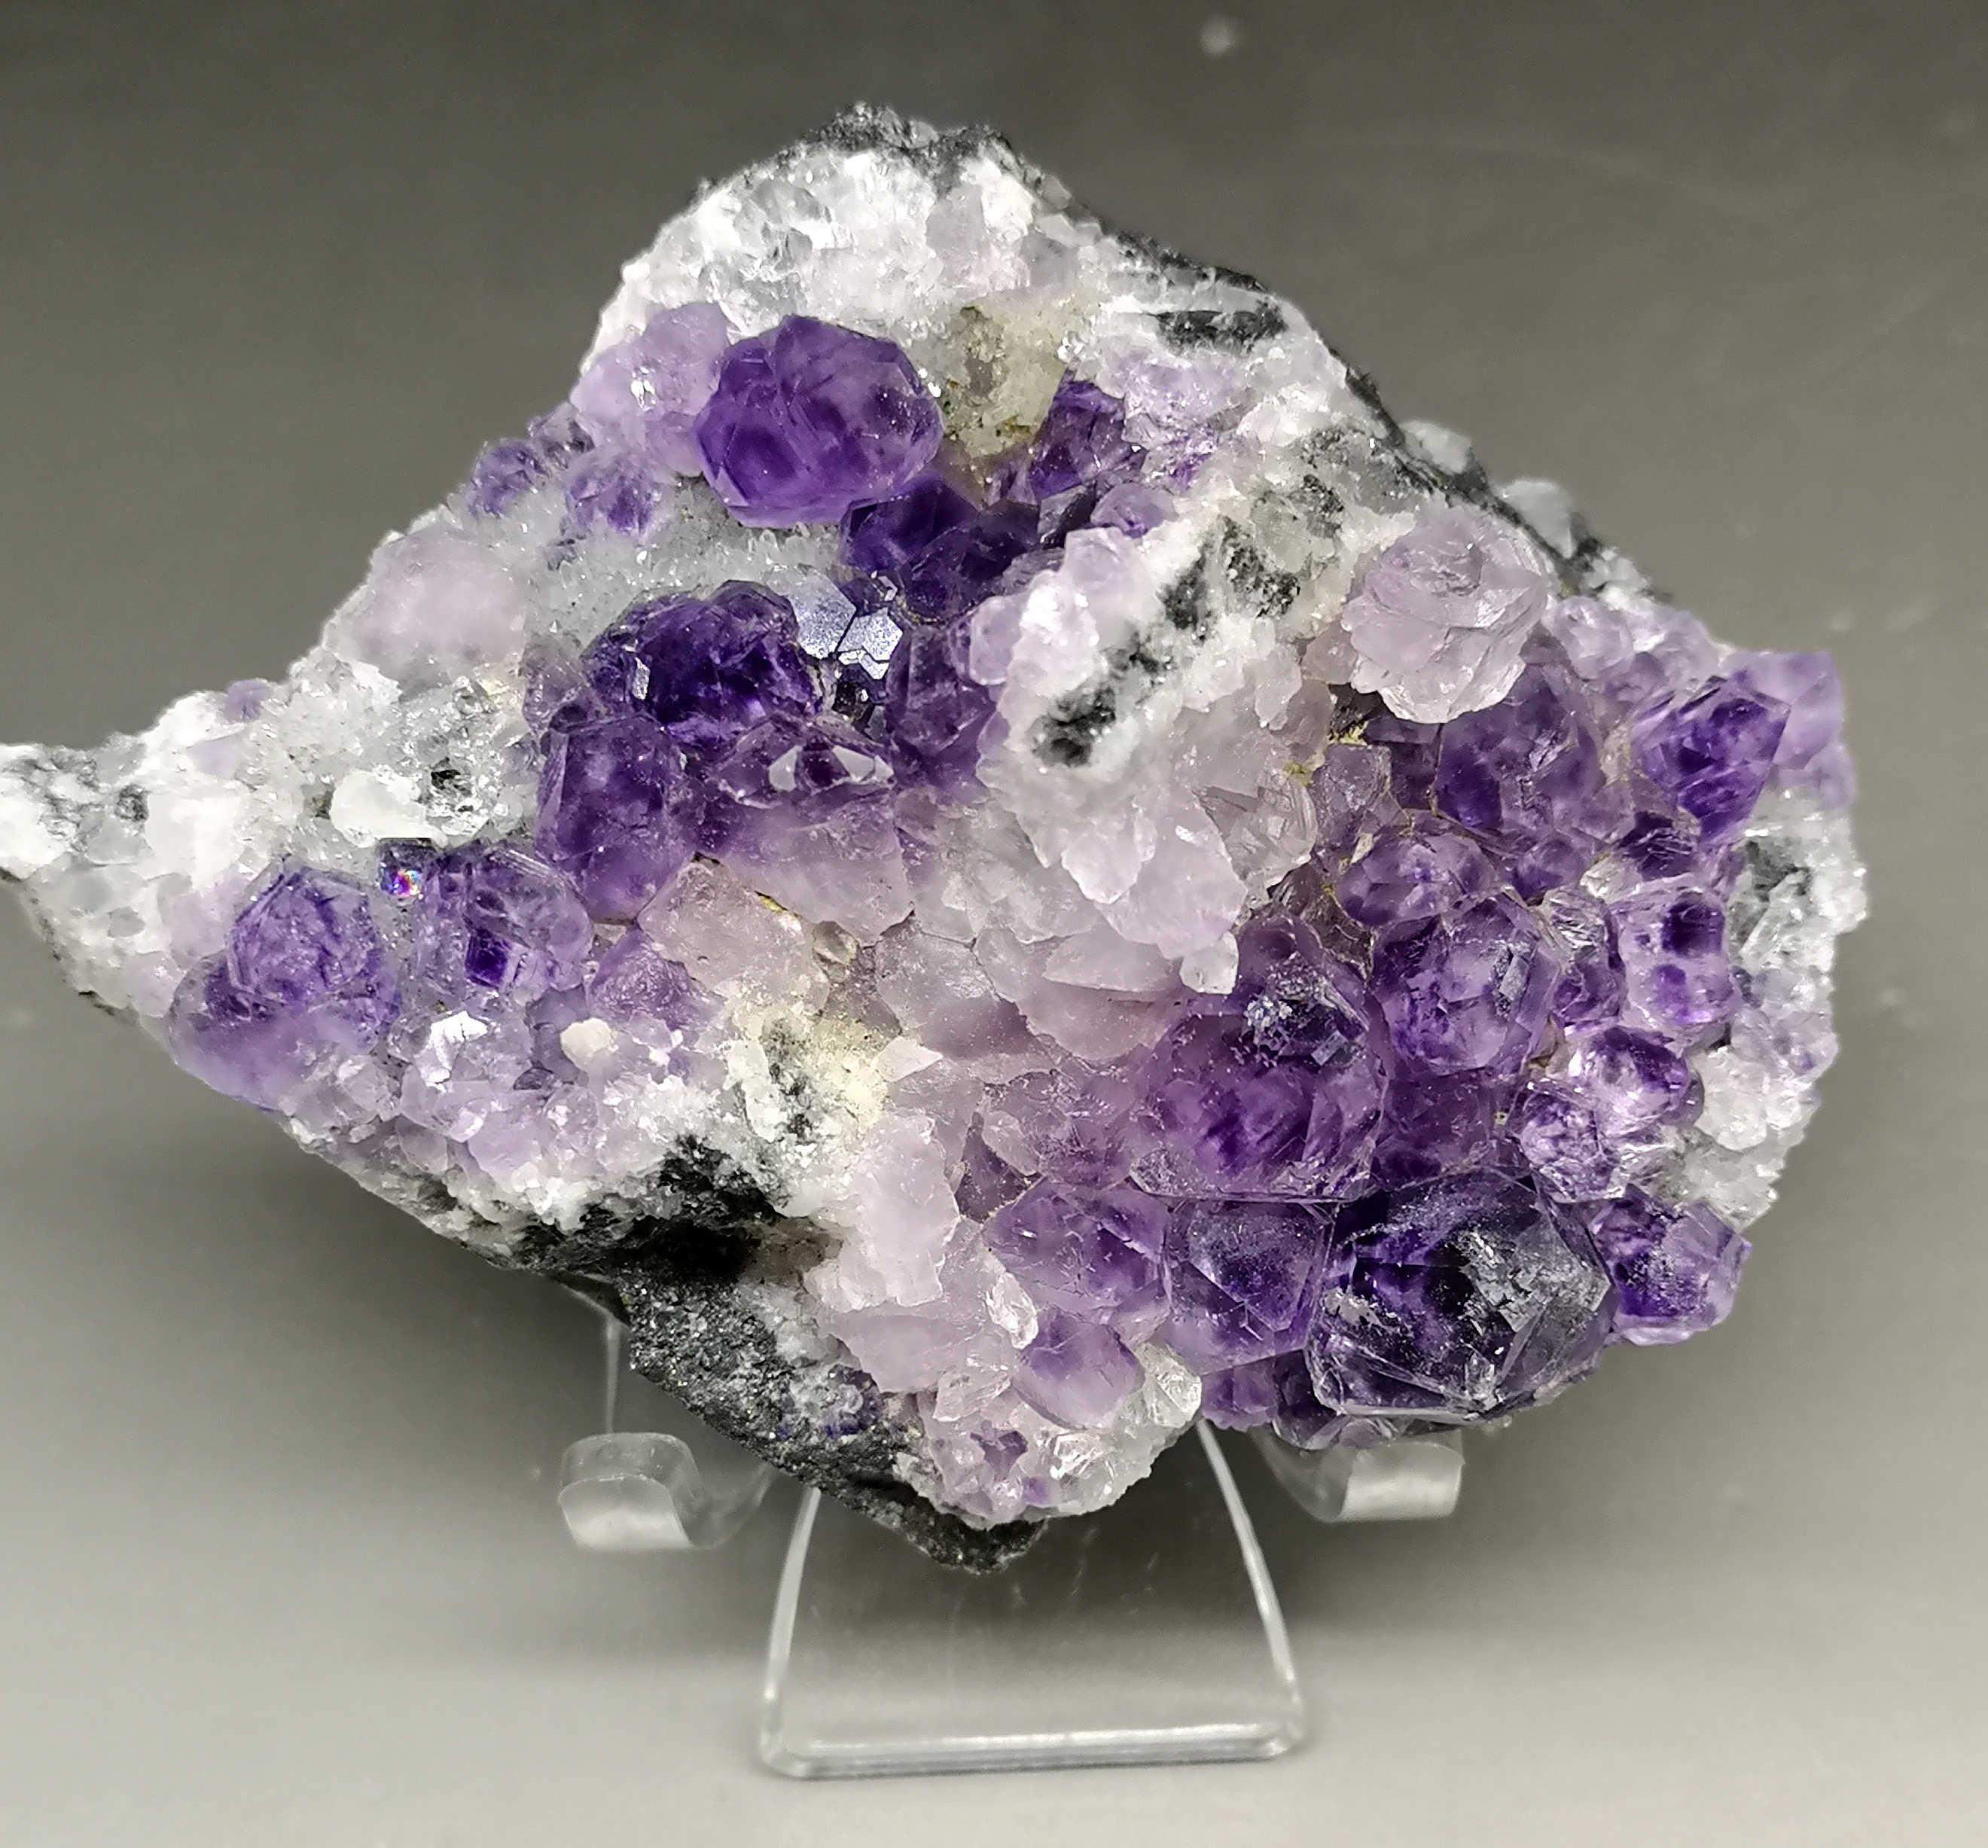 Nowe odmiany! 222g naturalne wielościenne fioletowy fluoryt klastra mineralnej okazy kamienie i kryształy uzdrowienie kryształ